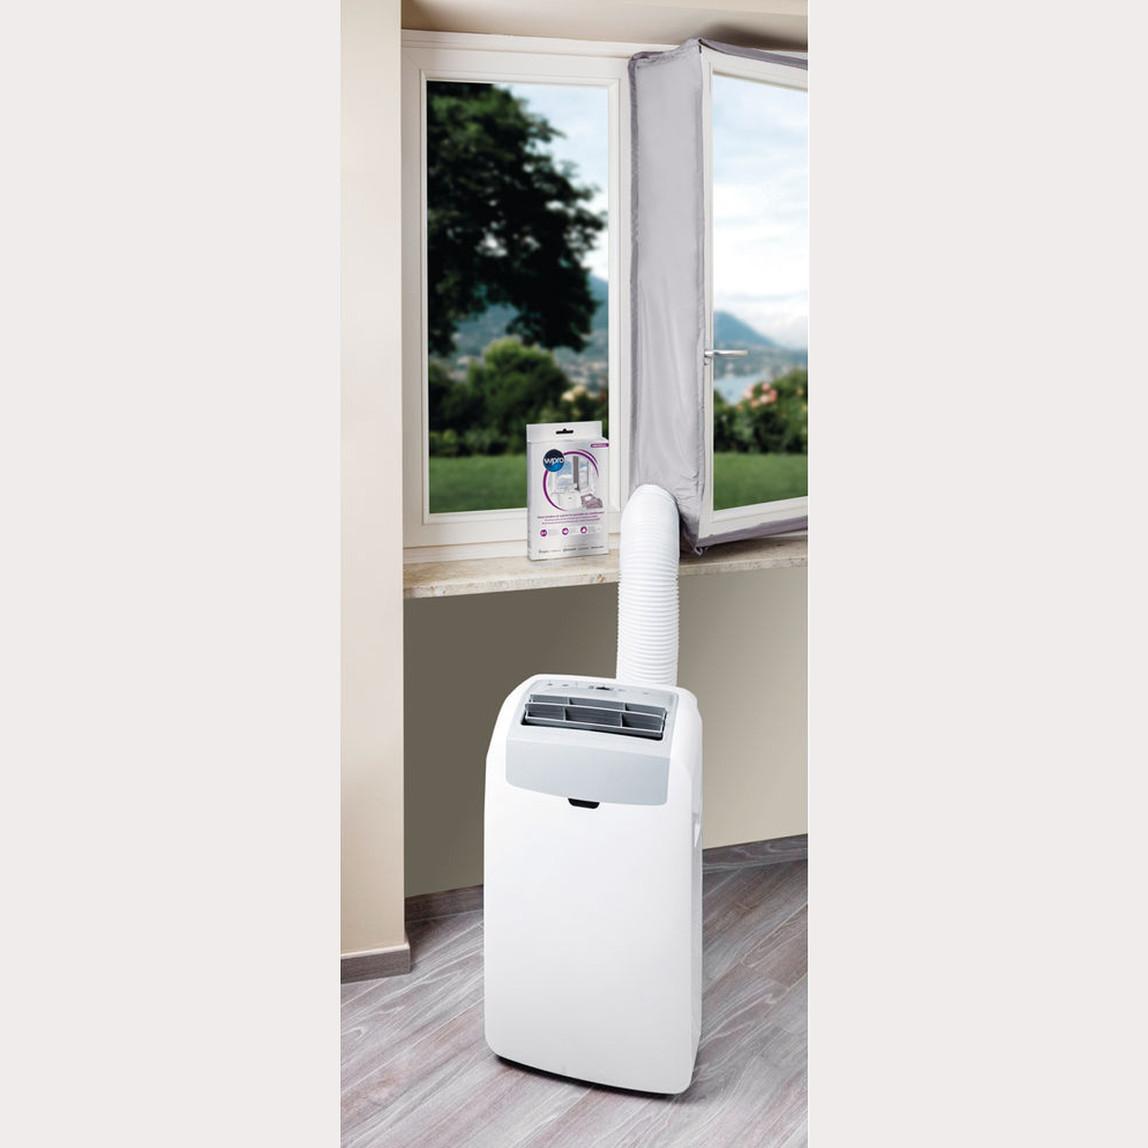 Wpro Portatif Klimalar için Pencere-Kapı Hava İzolasyon Kiti